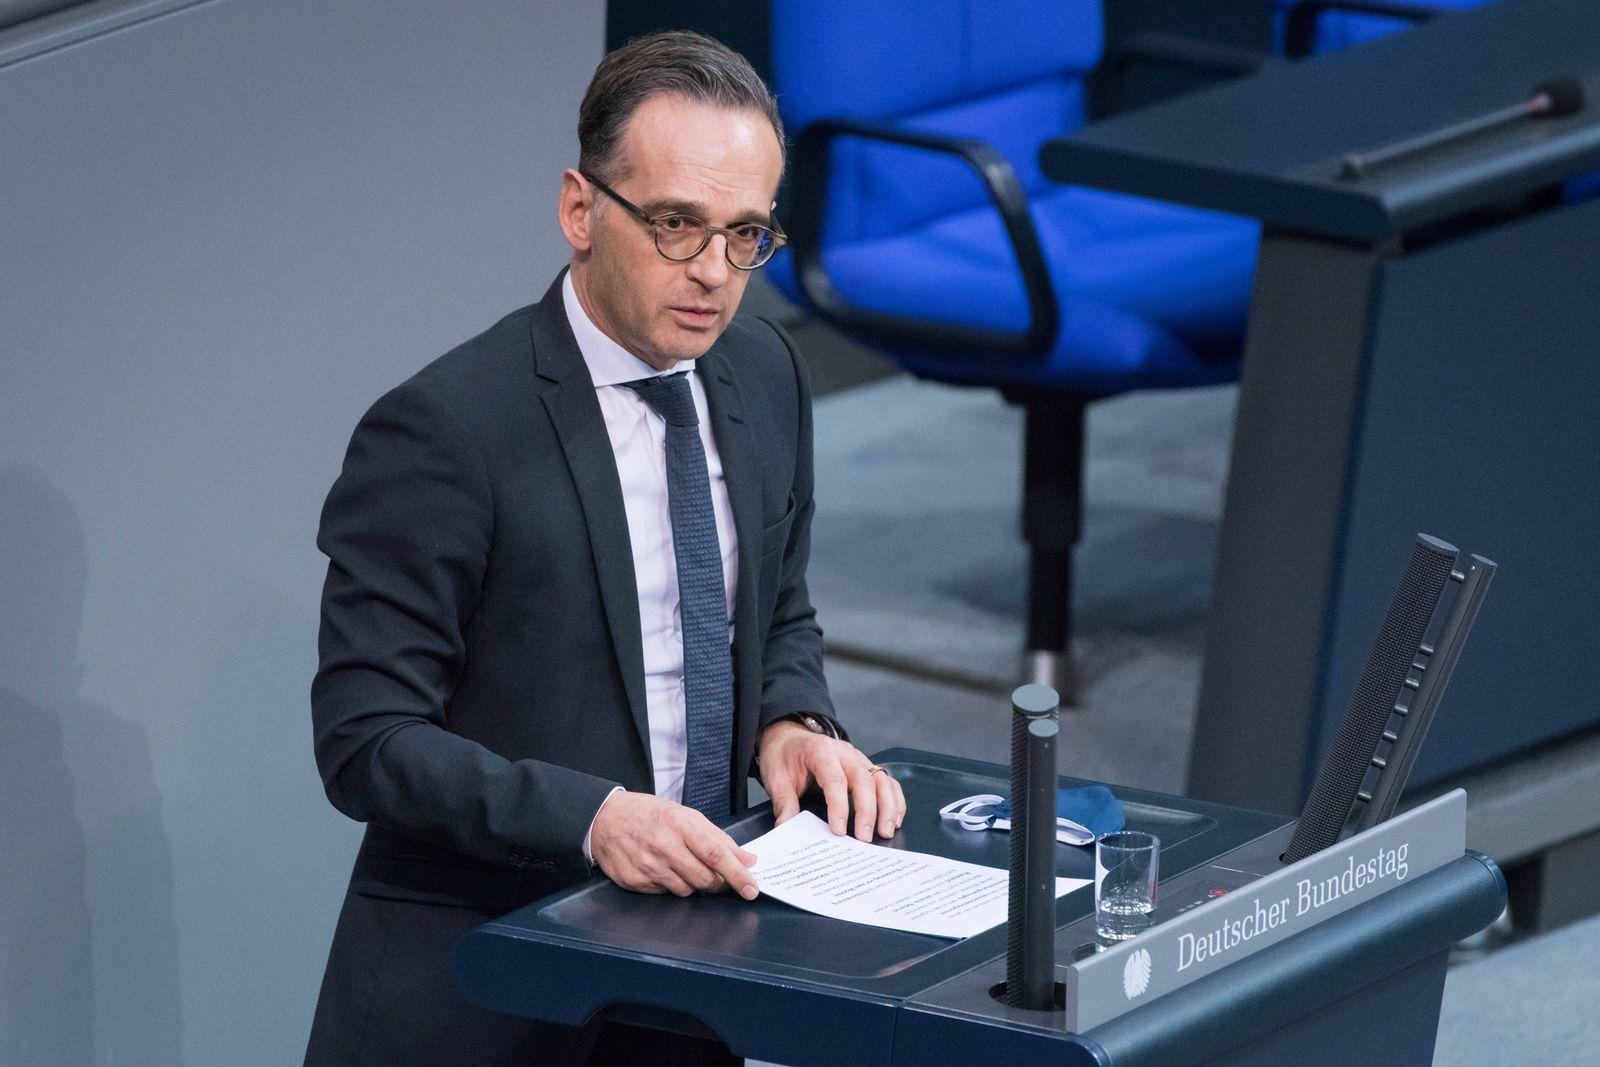 Berlin, Plenarsitzung im Bundestag Deutschland, Berlin - 30.10.2020: Im Bild ist Heiko Maas (Bundesminister des Auswärt